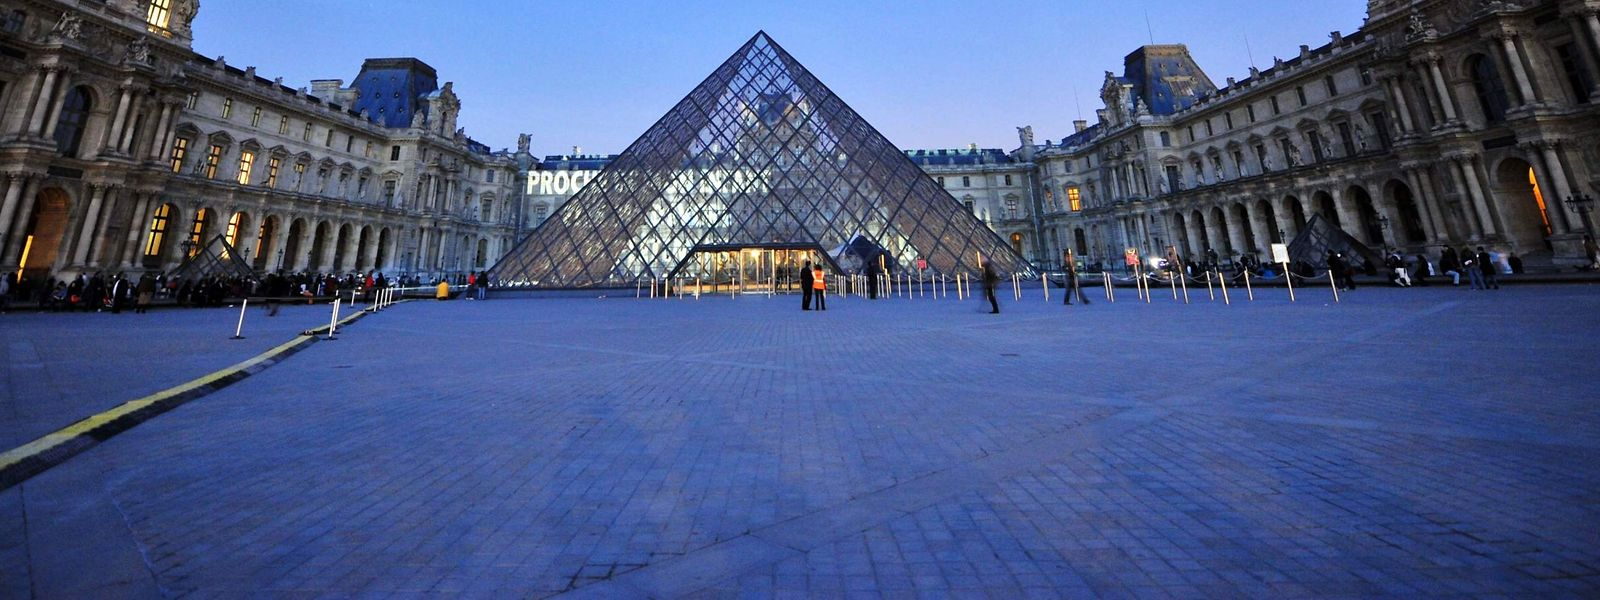 Die Pyramide für den Louvre in Paris ist das bekannteste Projekt von I. M. Pei.